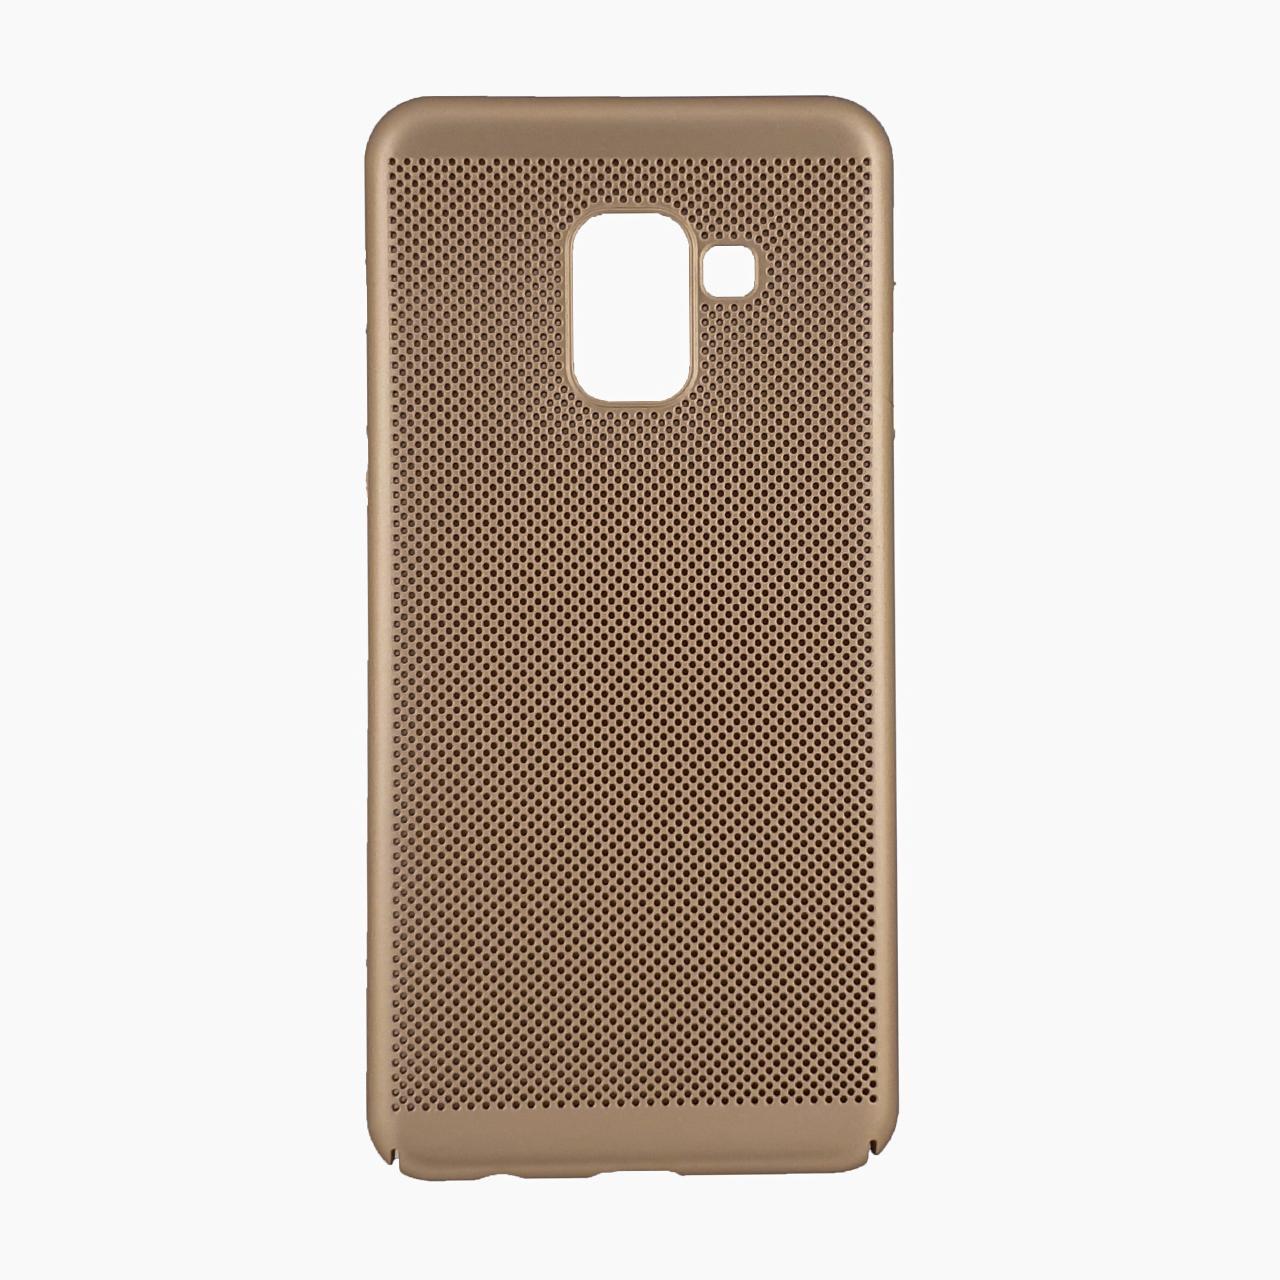 کاور مورفی مدل LML7 مناسب برای گوشی موبایل سامسونگ Galaxy A8 2018